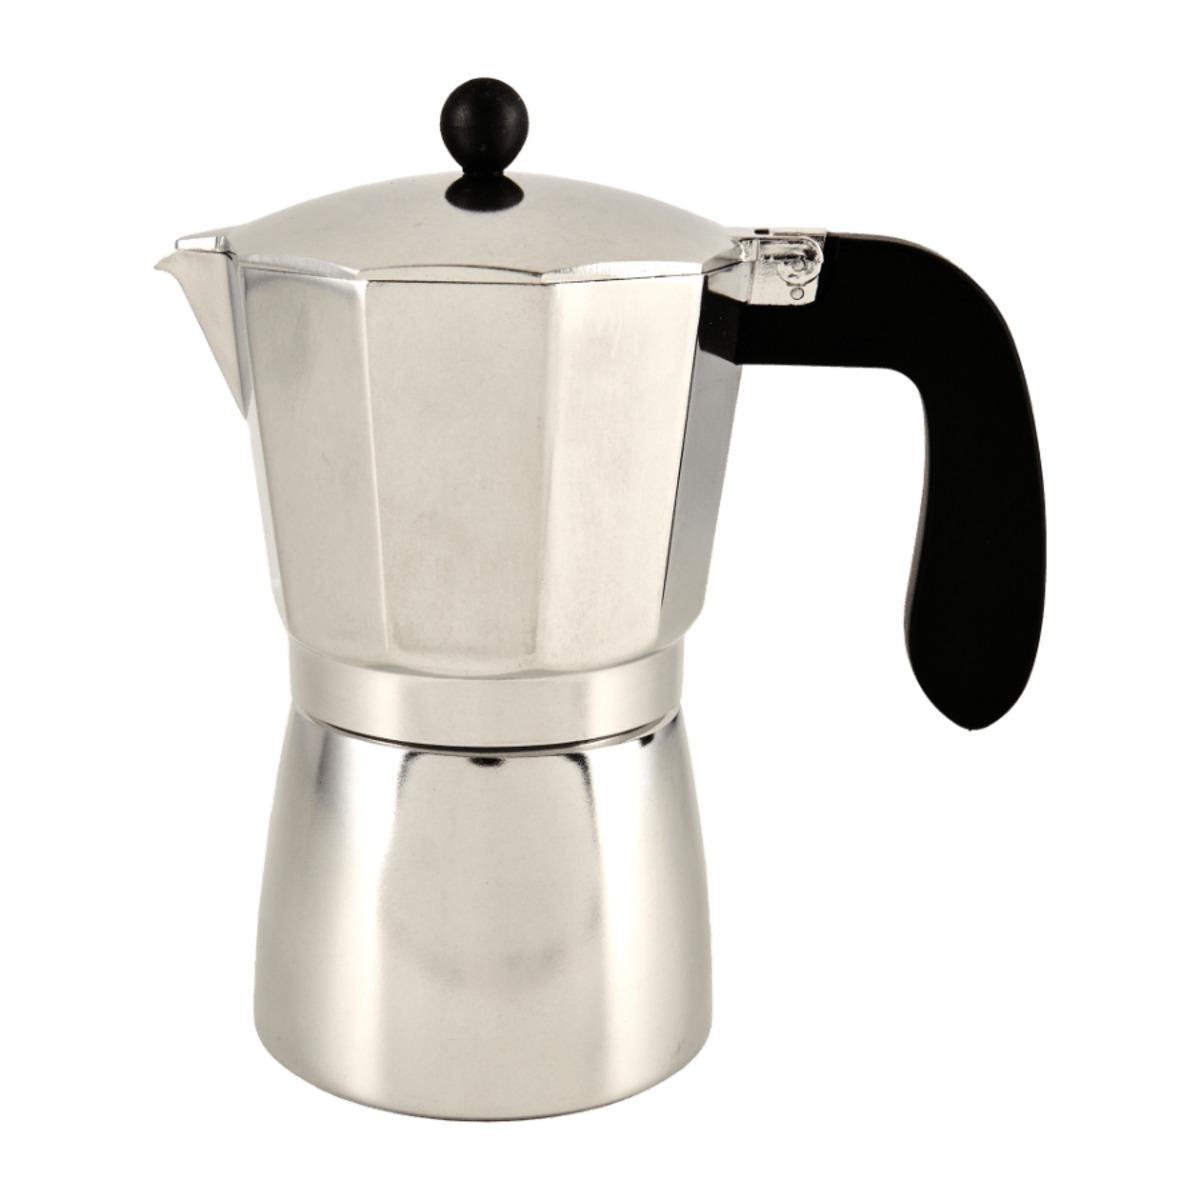 Bild 3 von HOME CREATION     Espresso Kocher